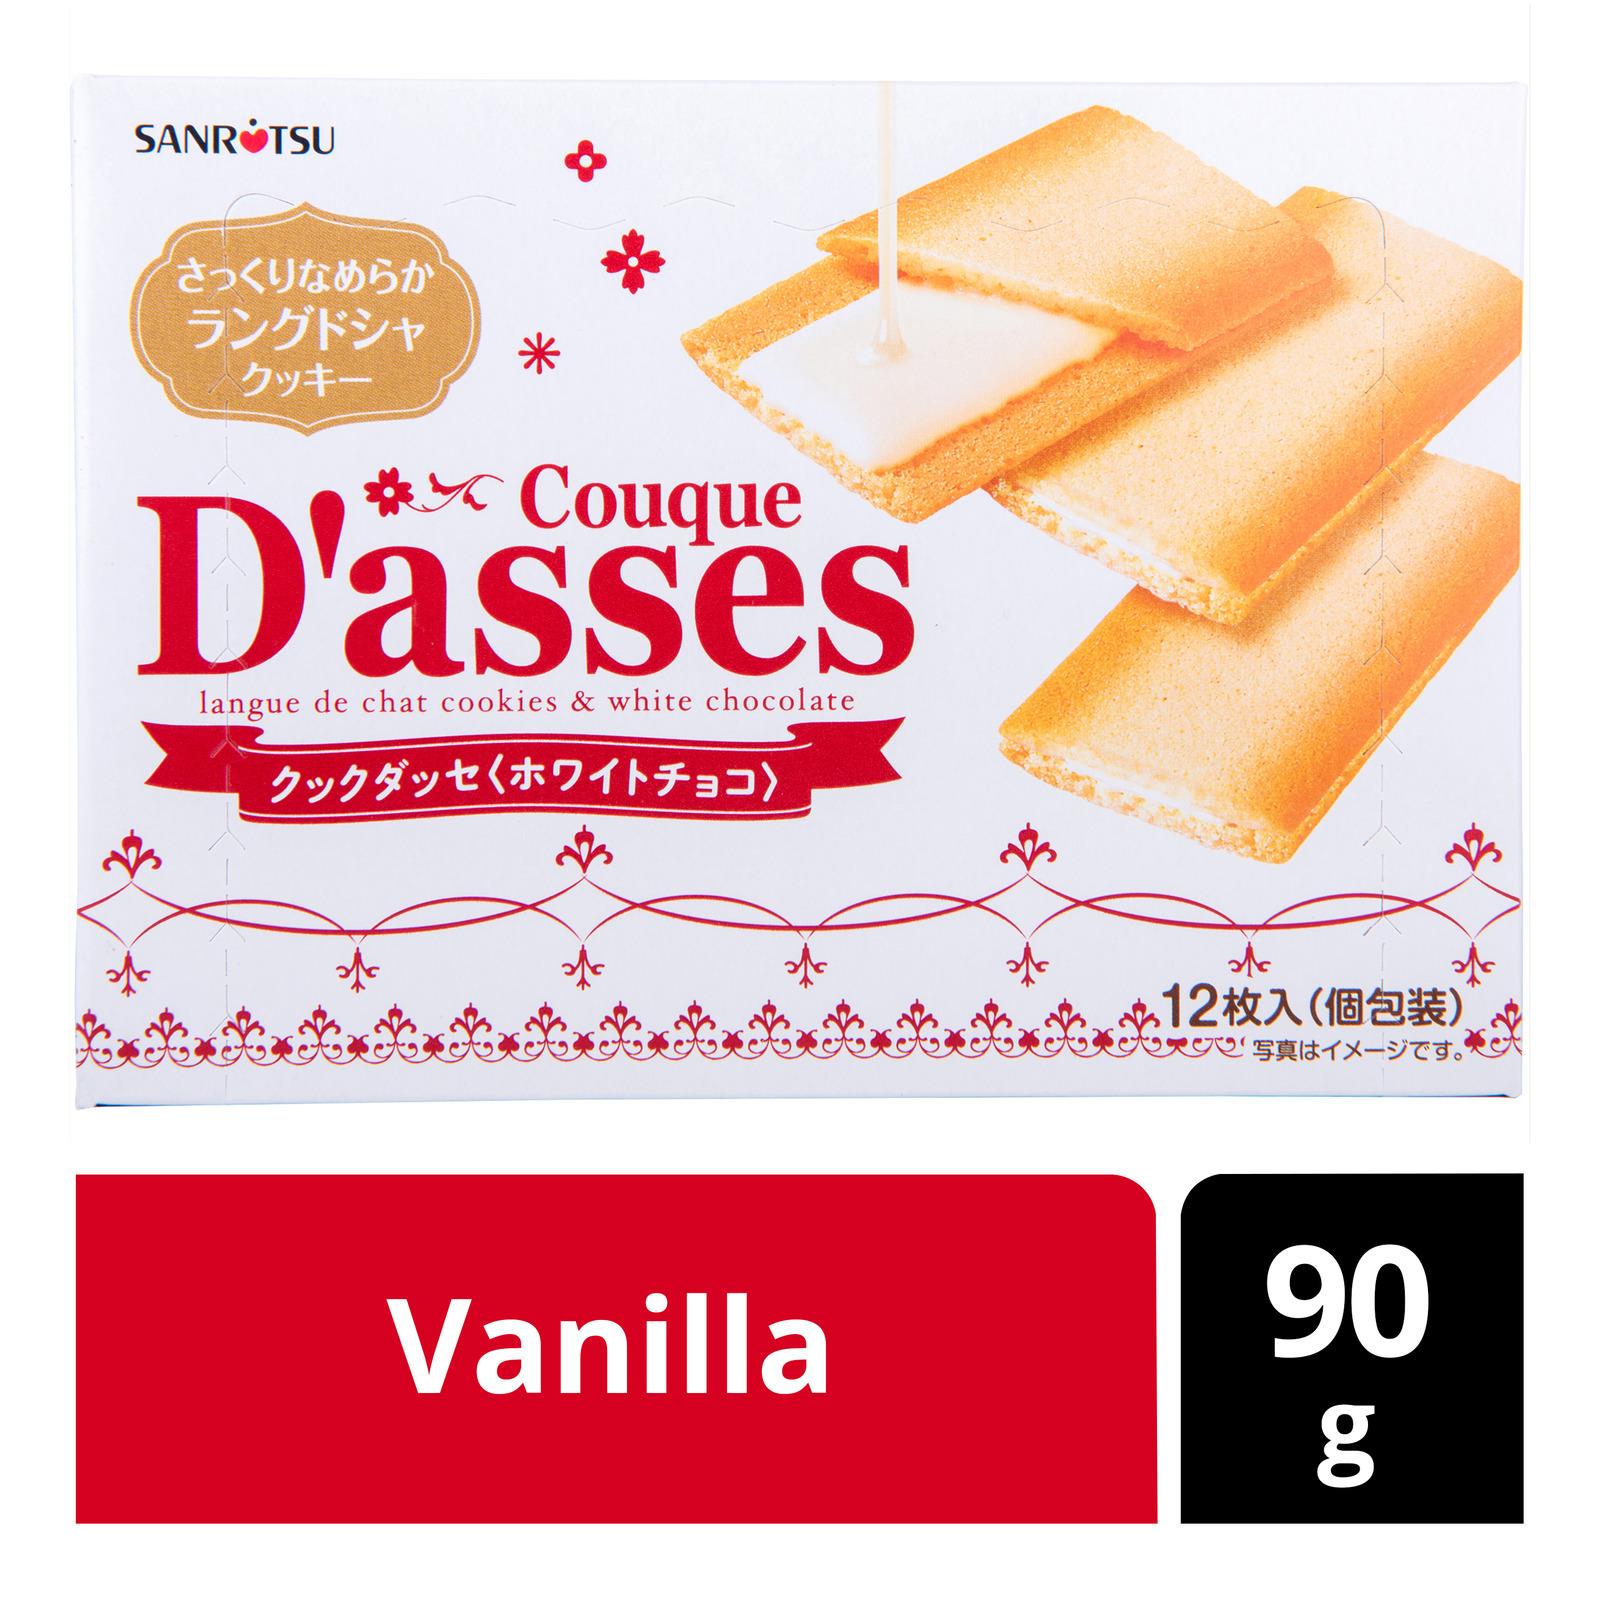 Sanritsu Couque D'asse Biscuit - Vanilla